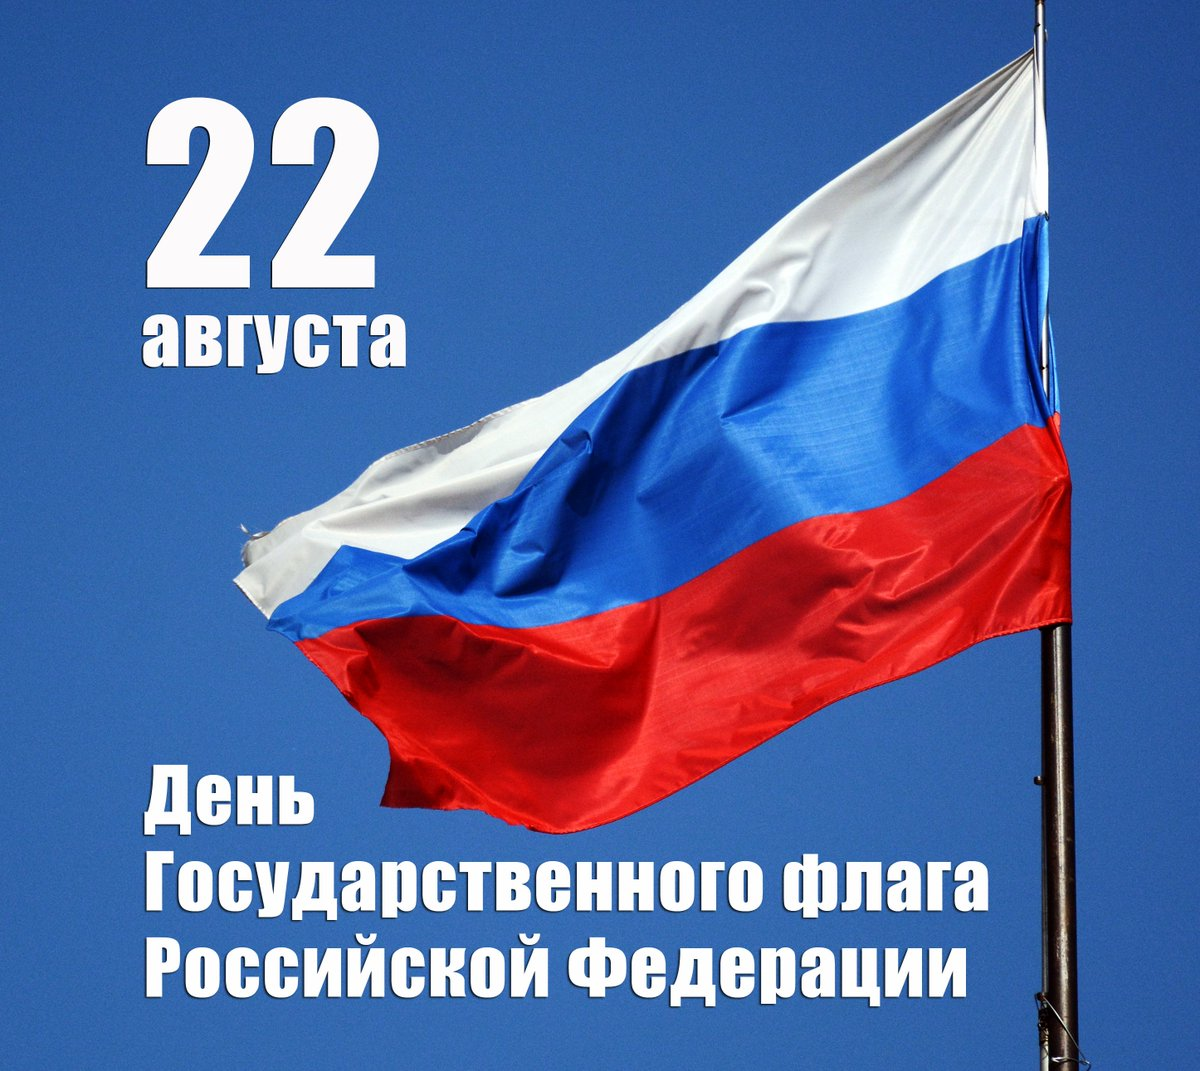 Поздравление с днем флага российской федерации